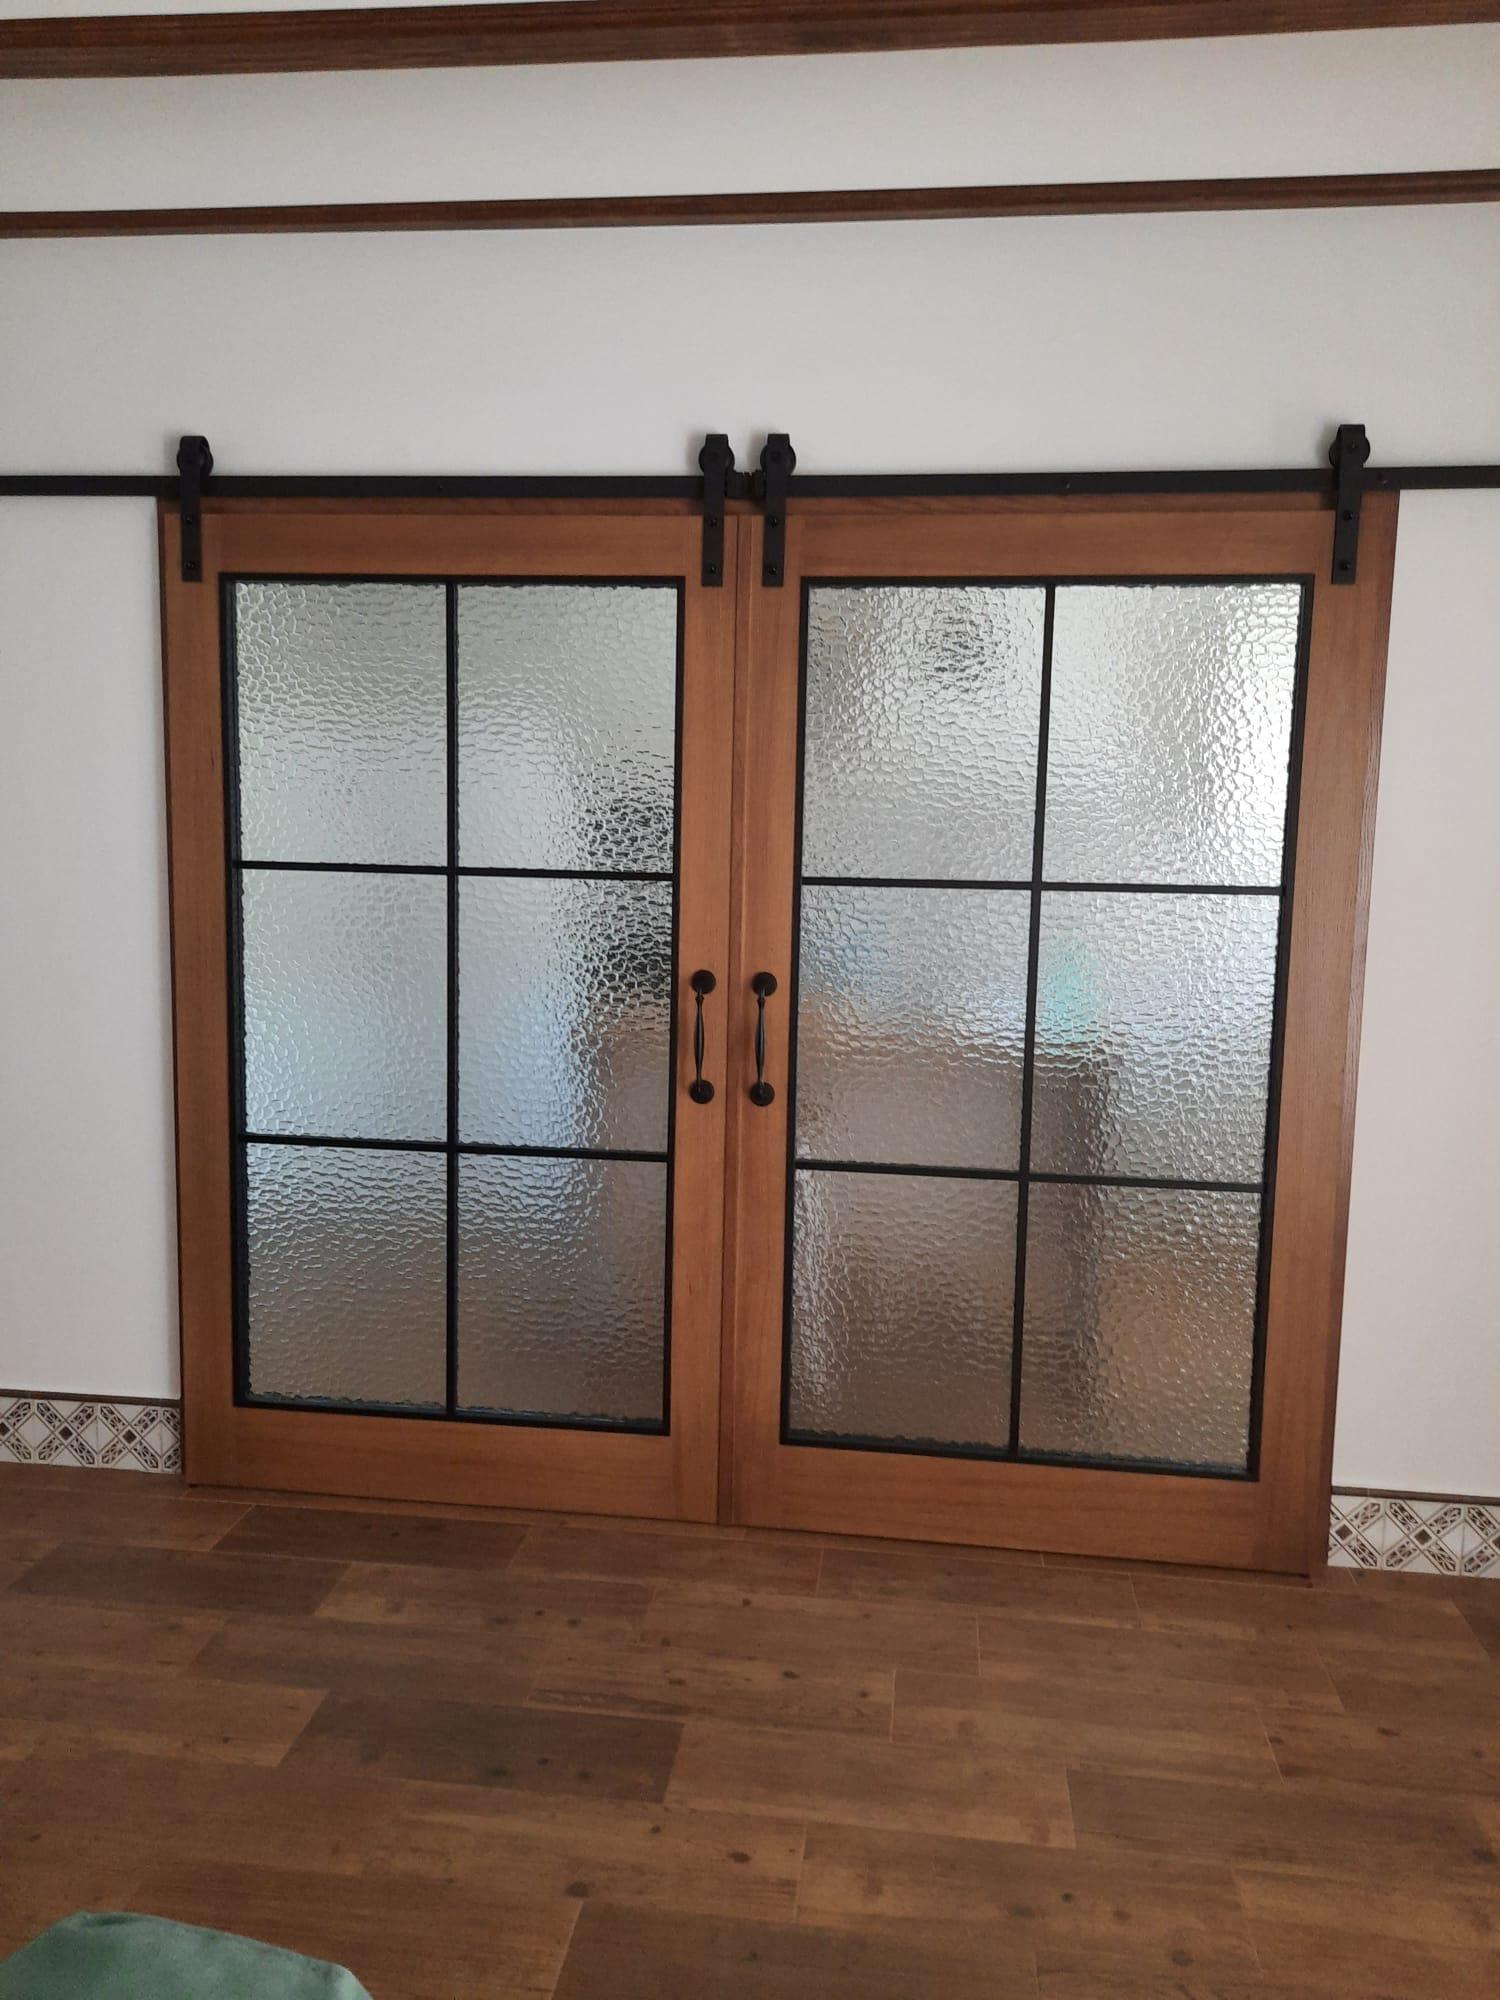 Puertas de estilo industrial en madera de roble.